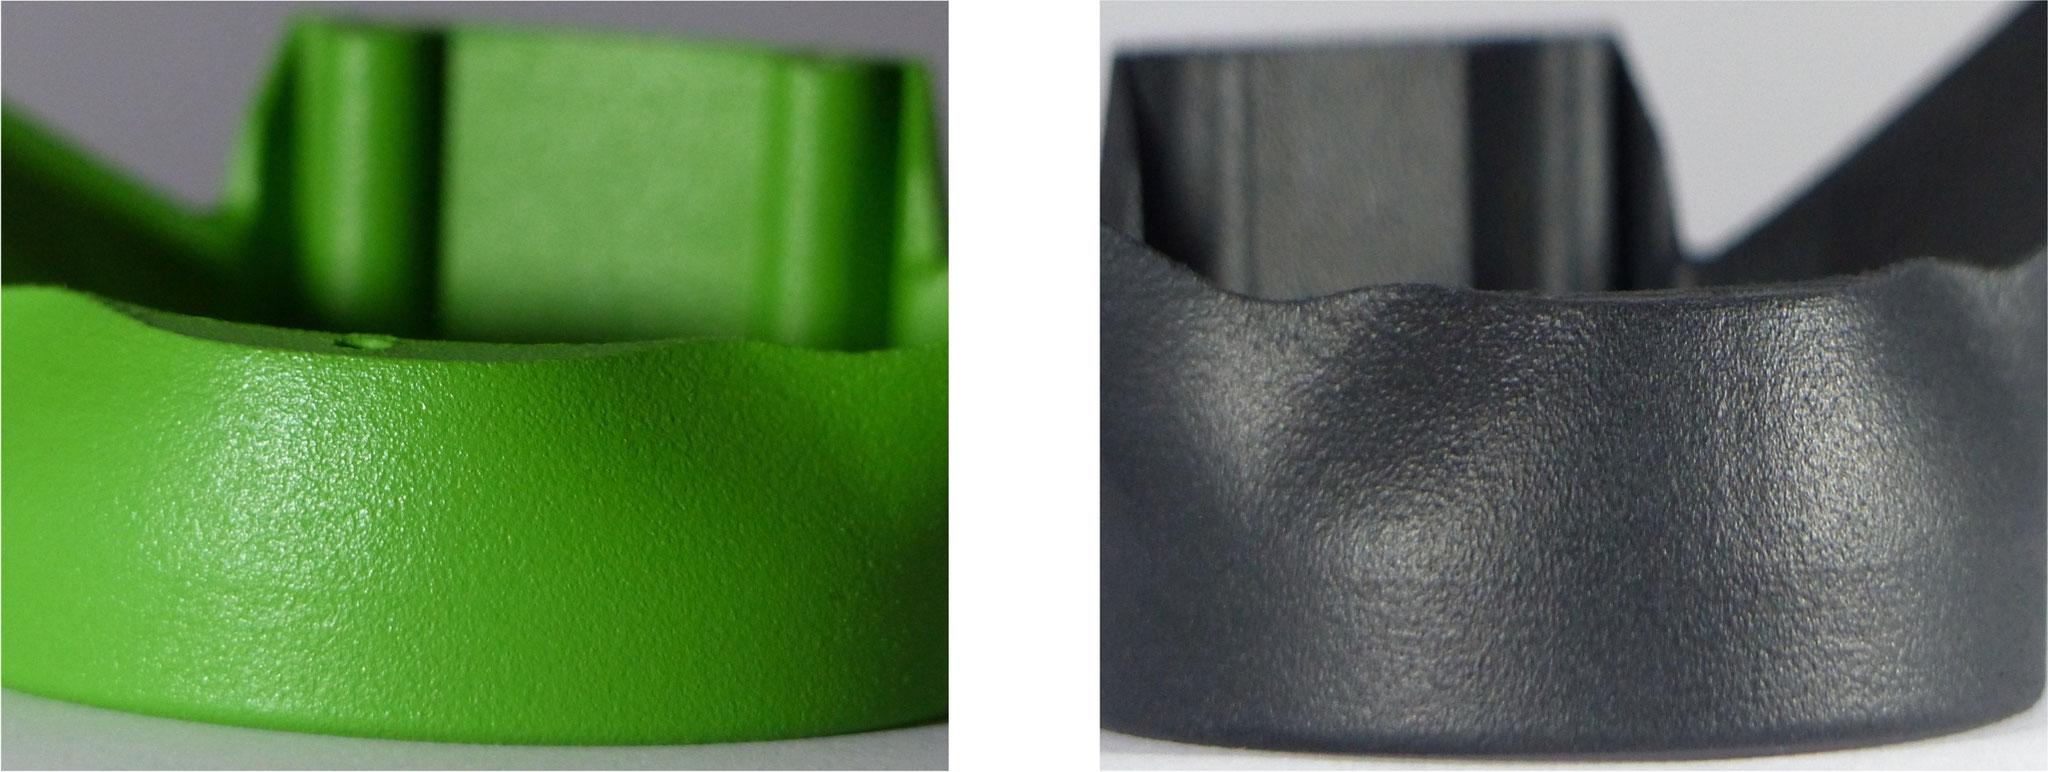 Endprodukt mit Sichtoberfläche hergestellt per SLS - Lasersintern